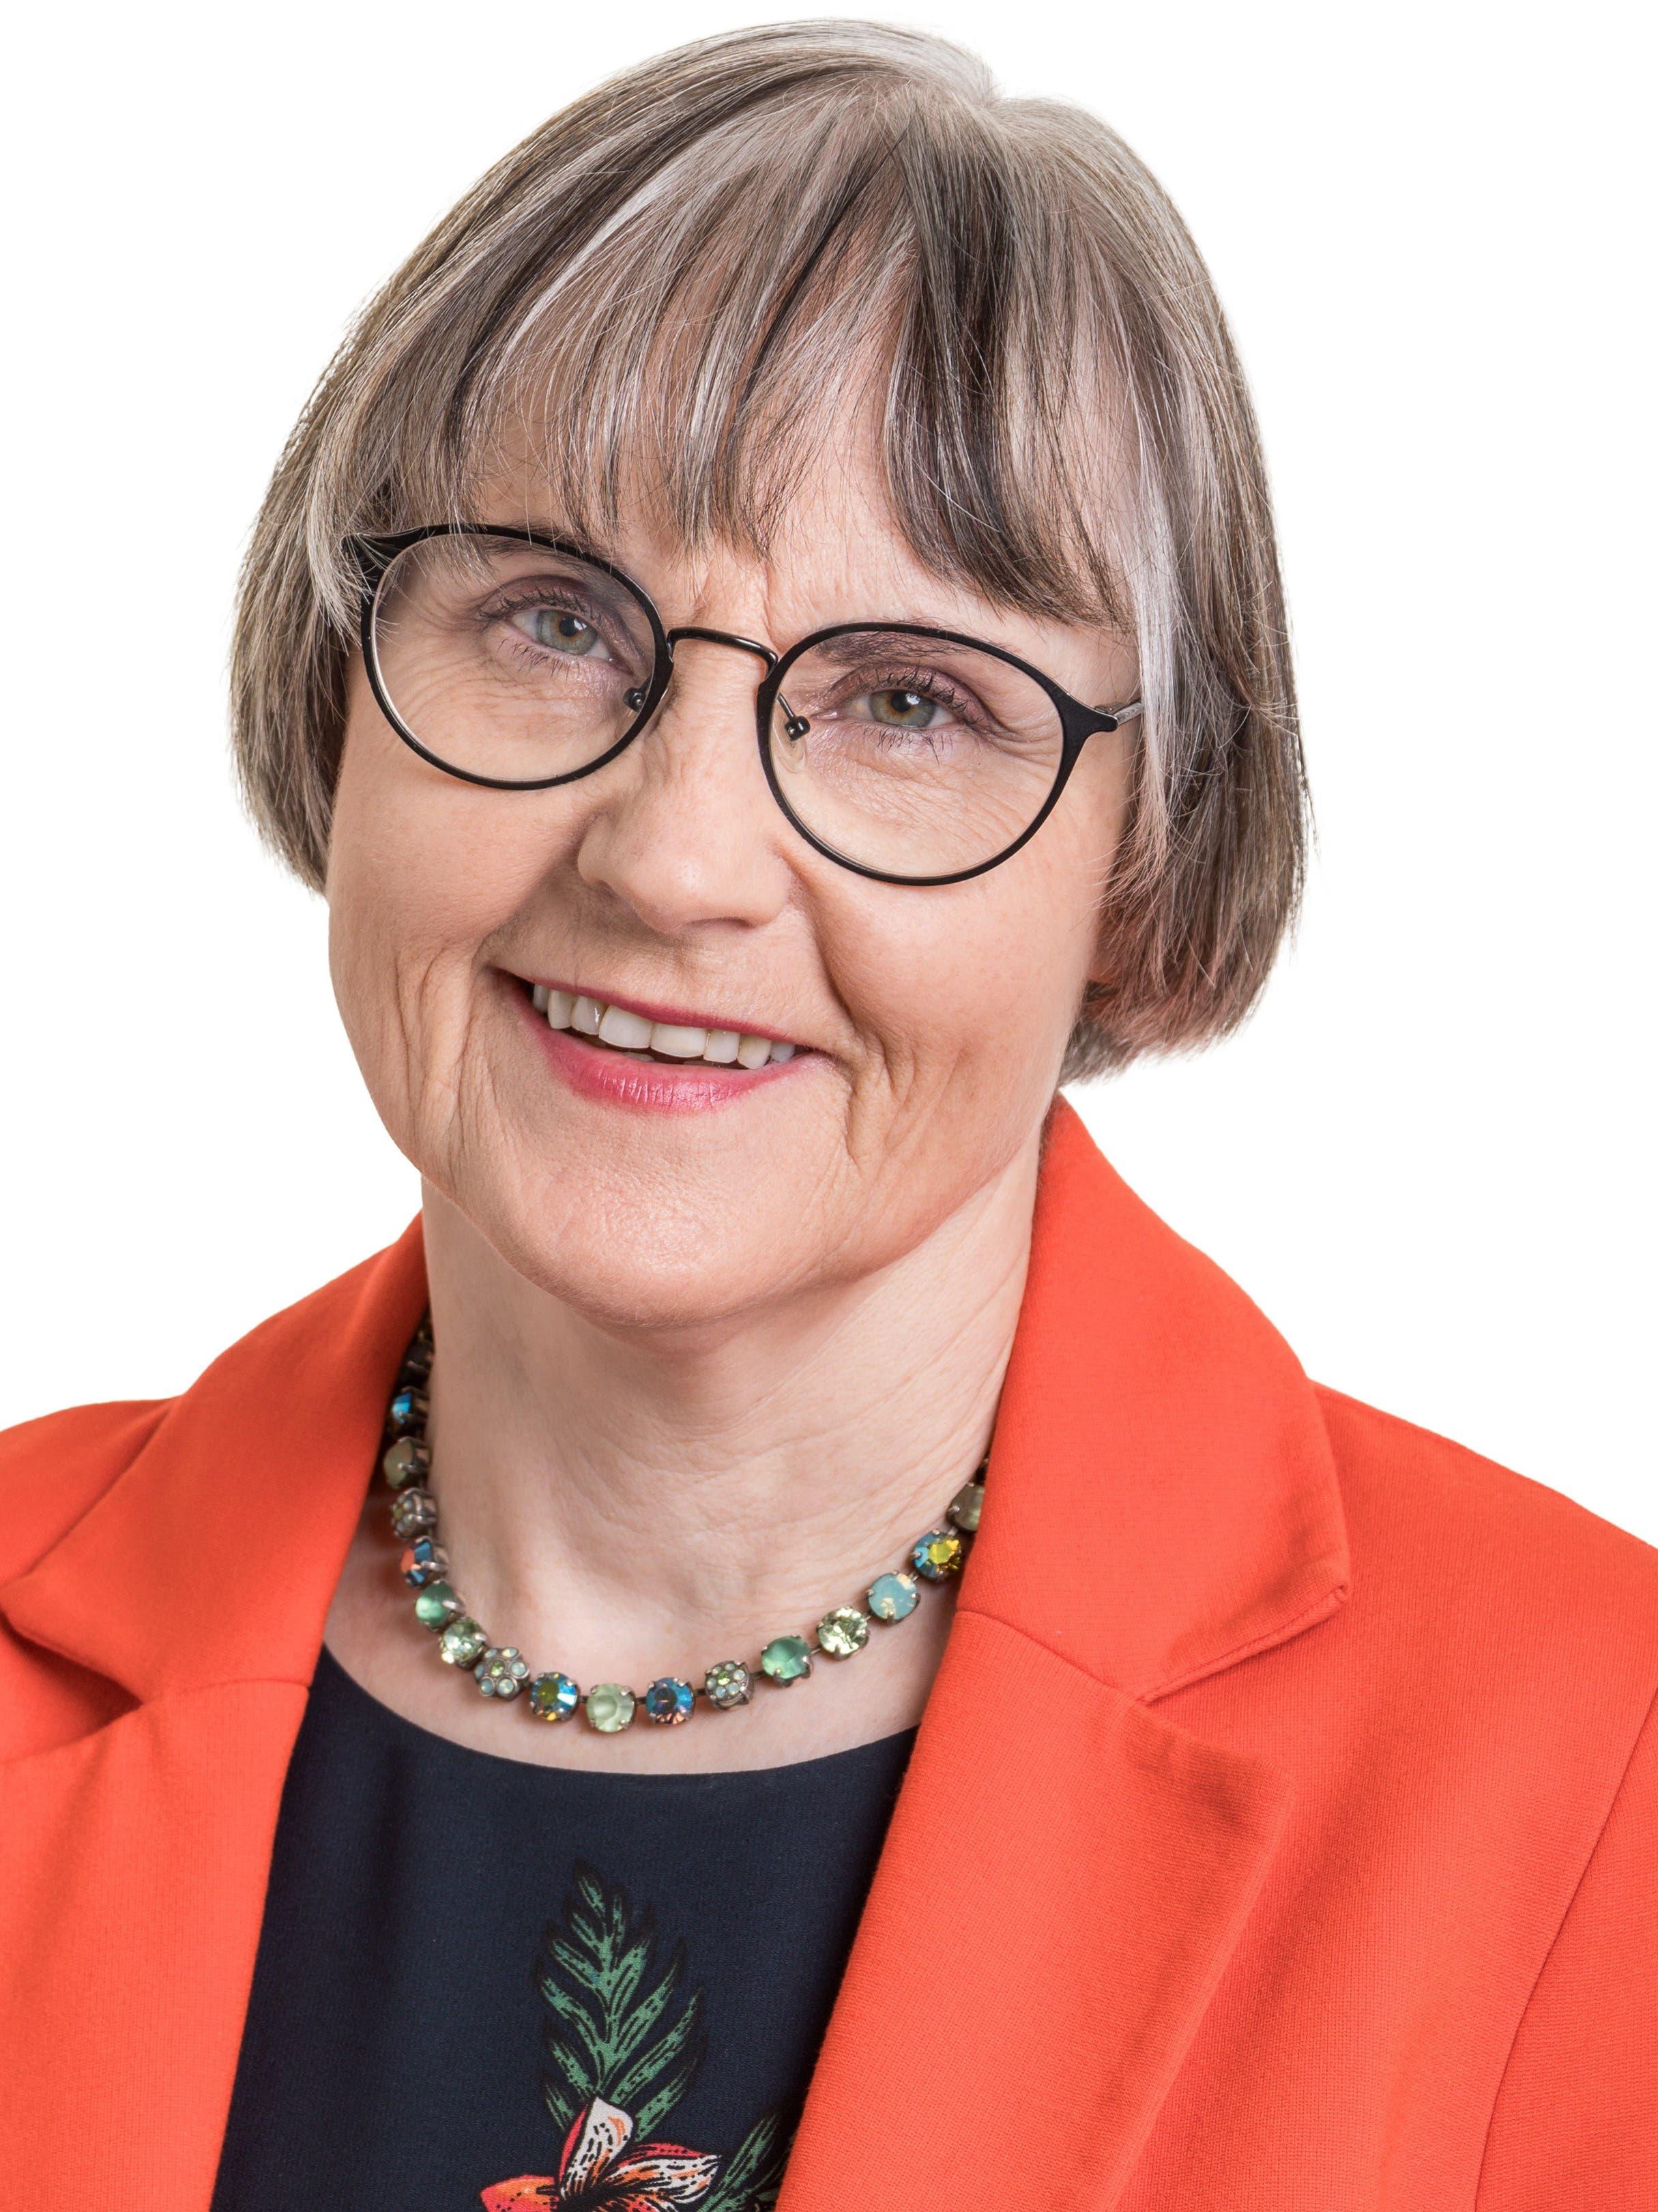 Gewählt: Lea Bischof-Meier, CVP (bisher)